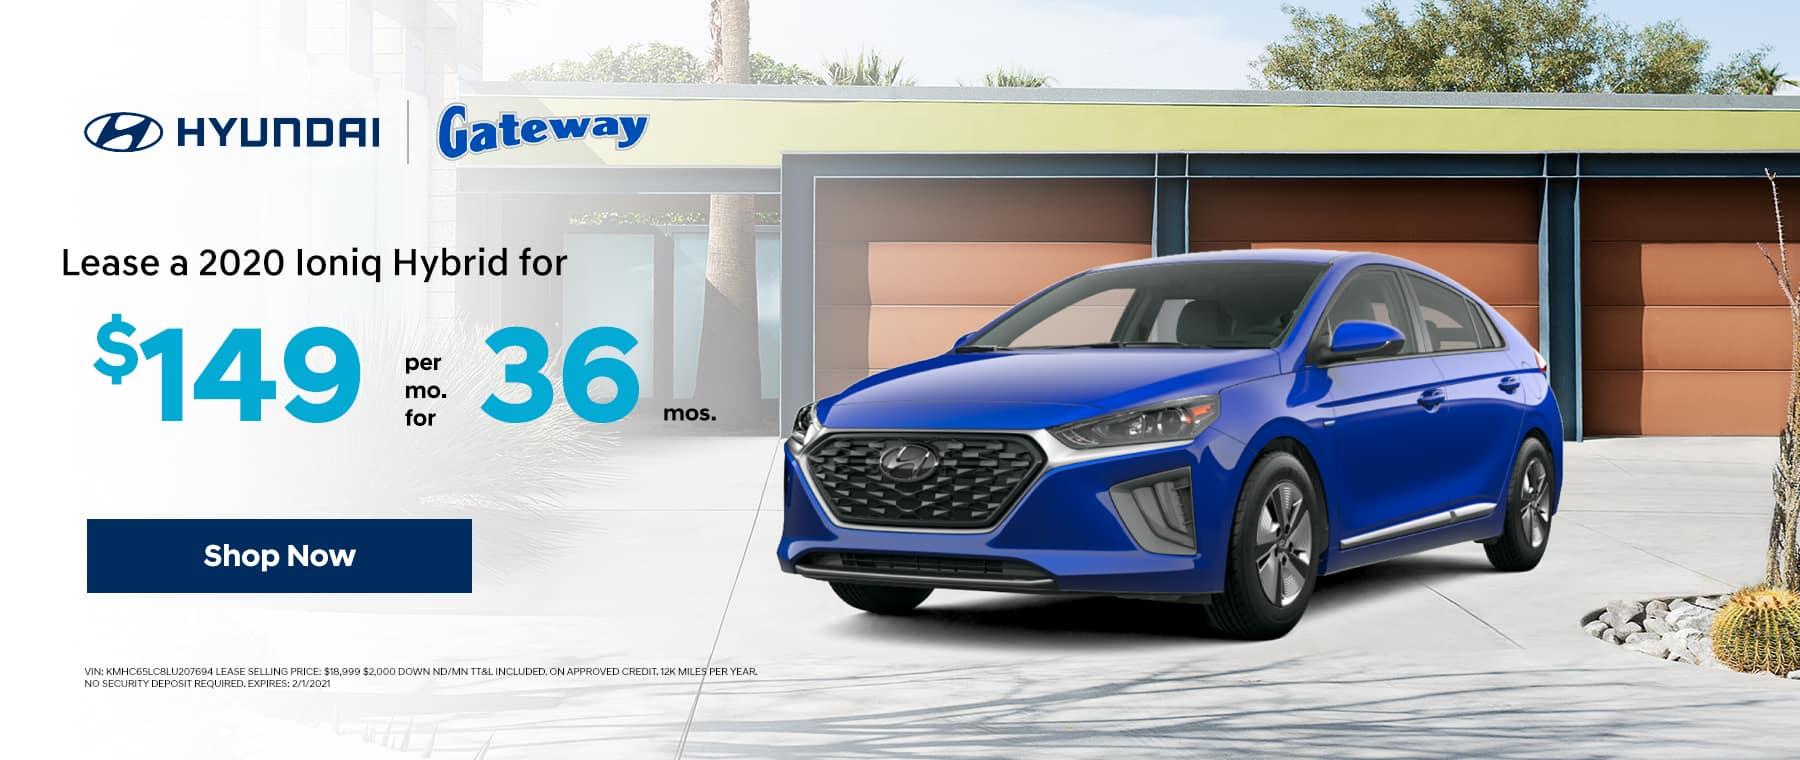 GatewayAutomotive_SL_0220_1800x760 (31)